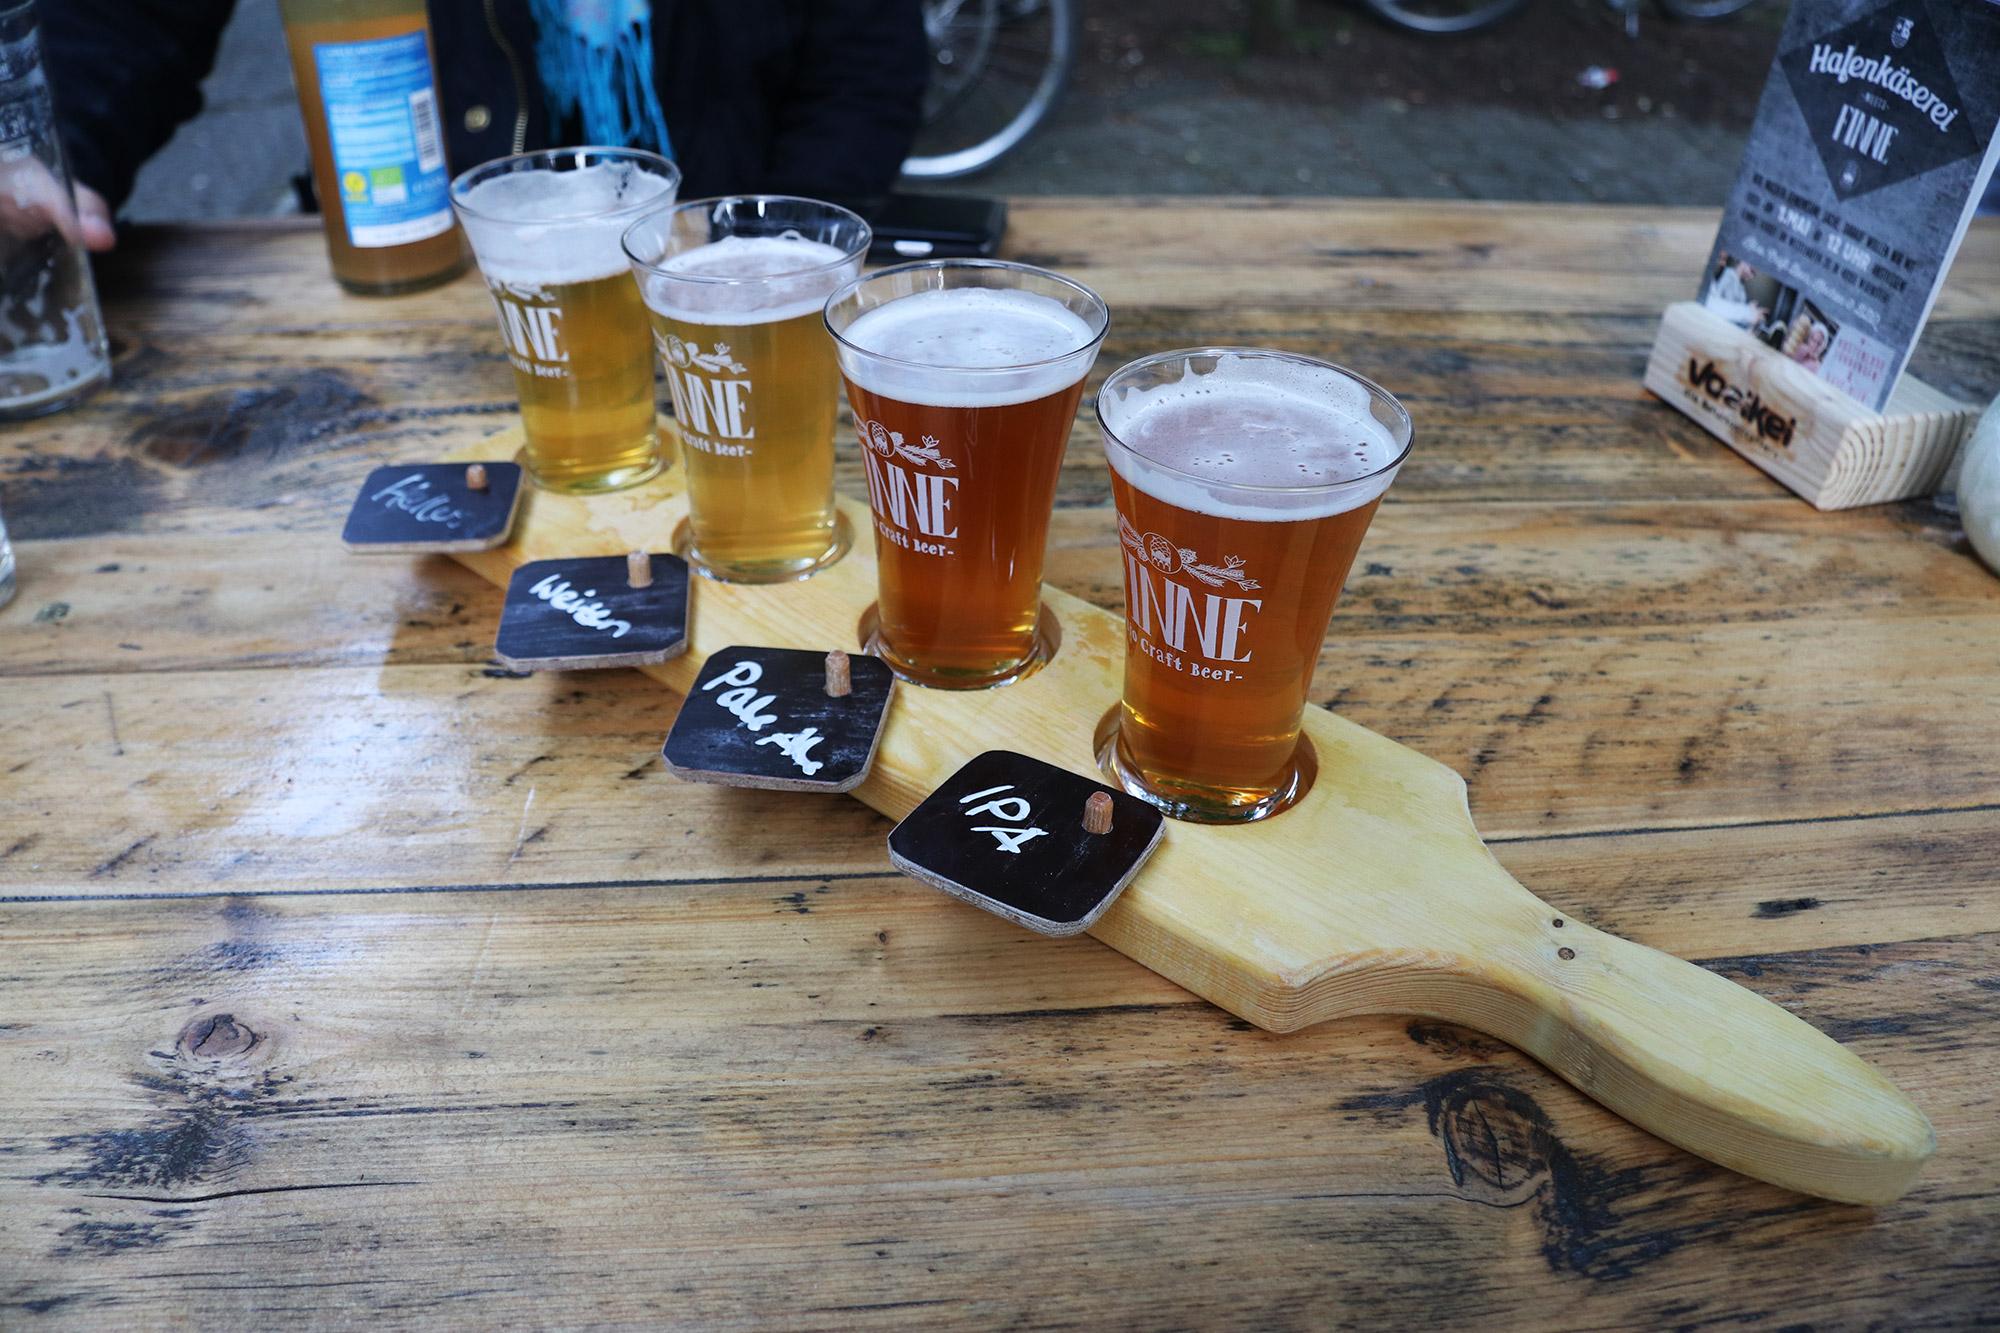 Weekendje weg Münster - Proefplankje bij Finne Brauerei